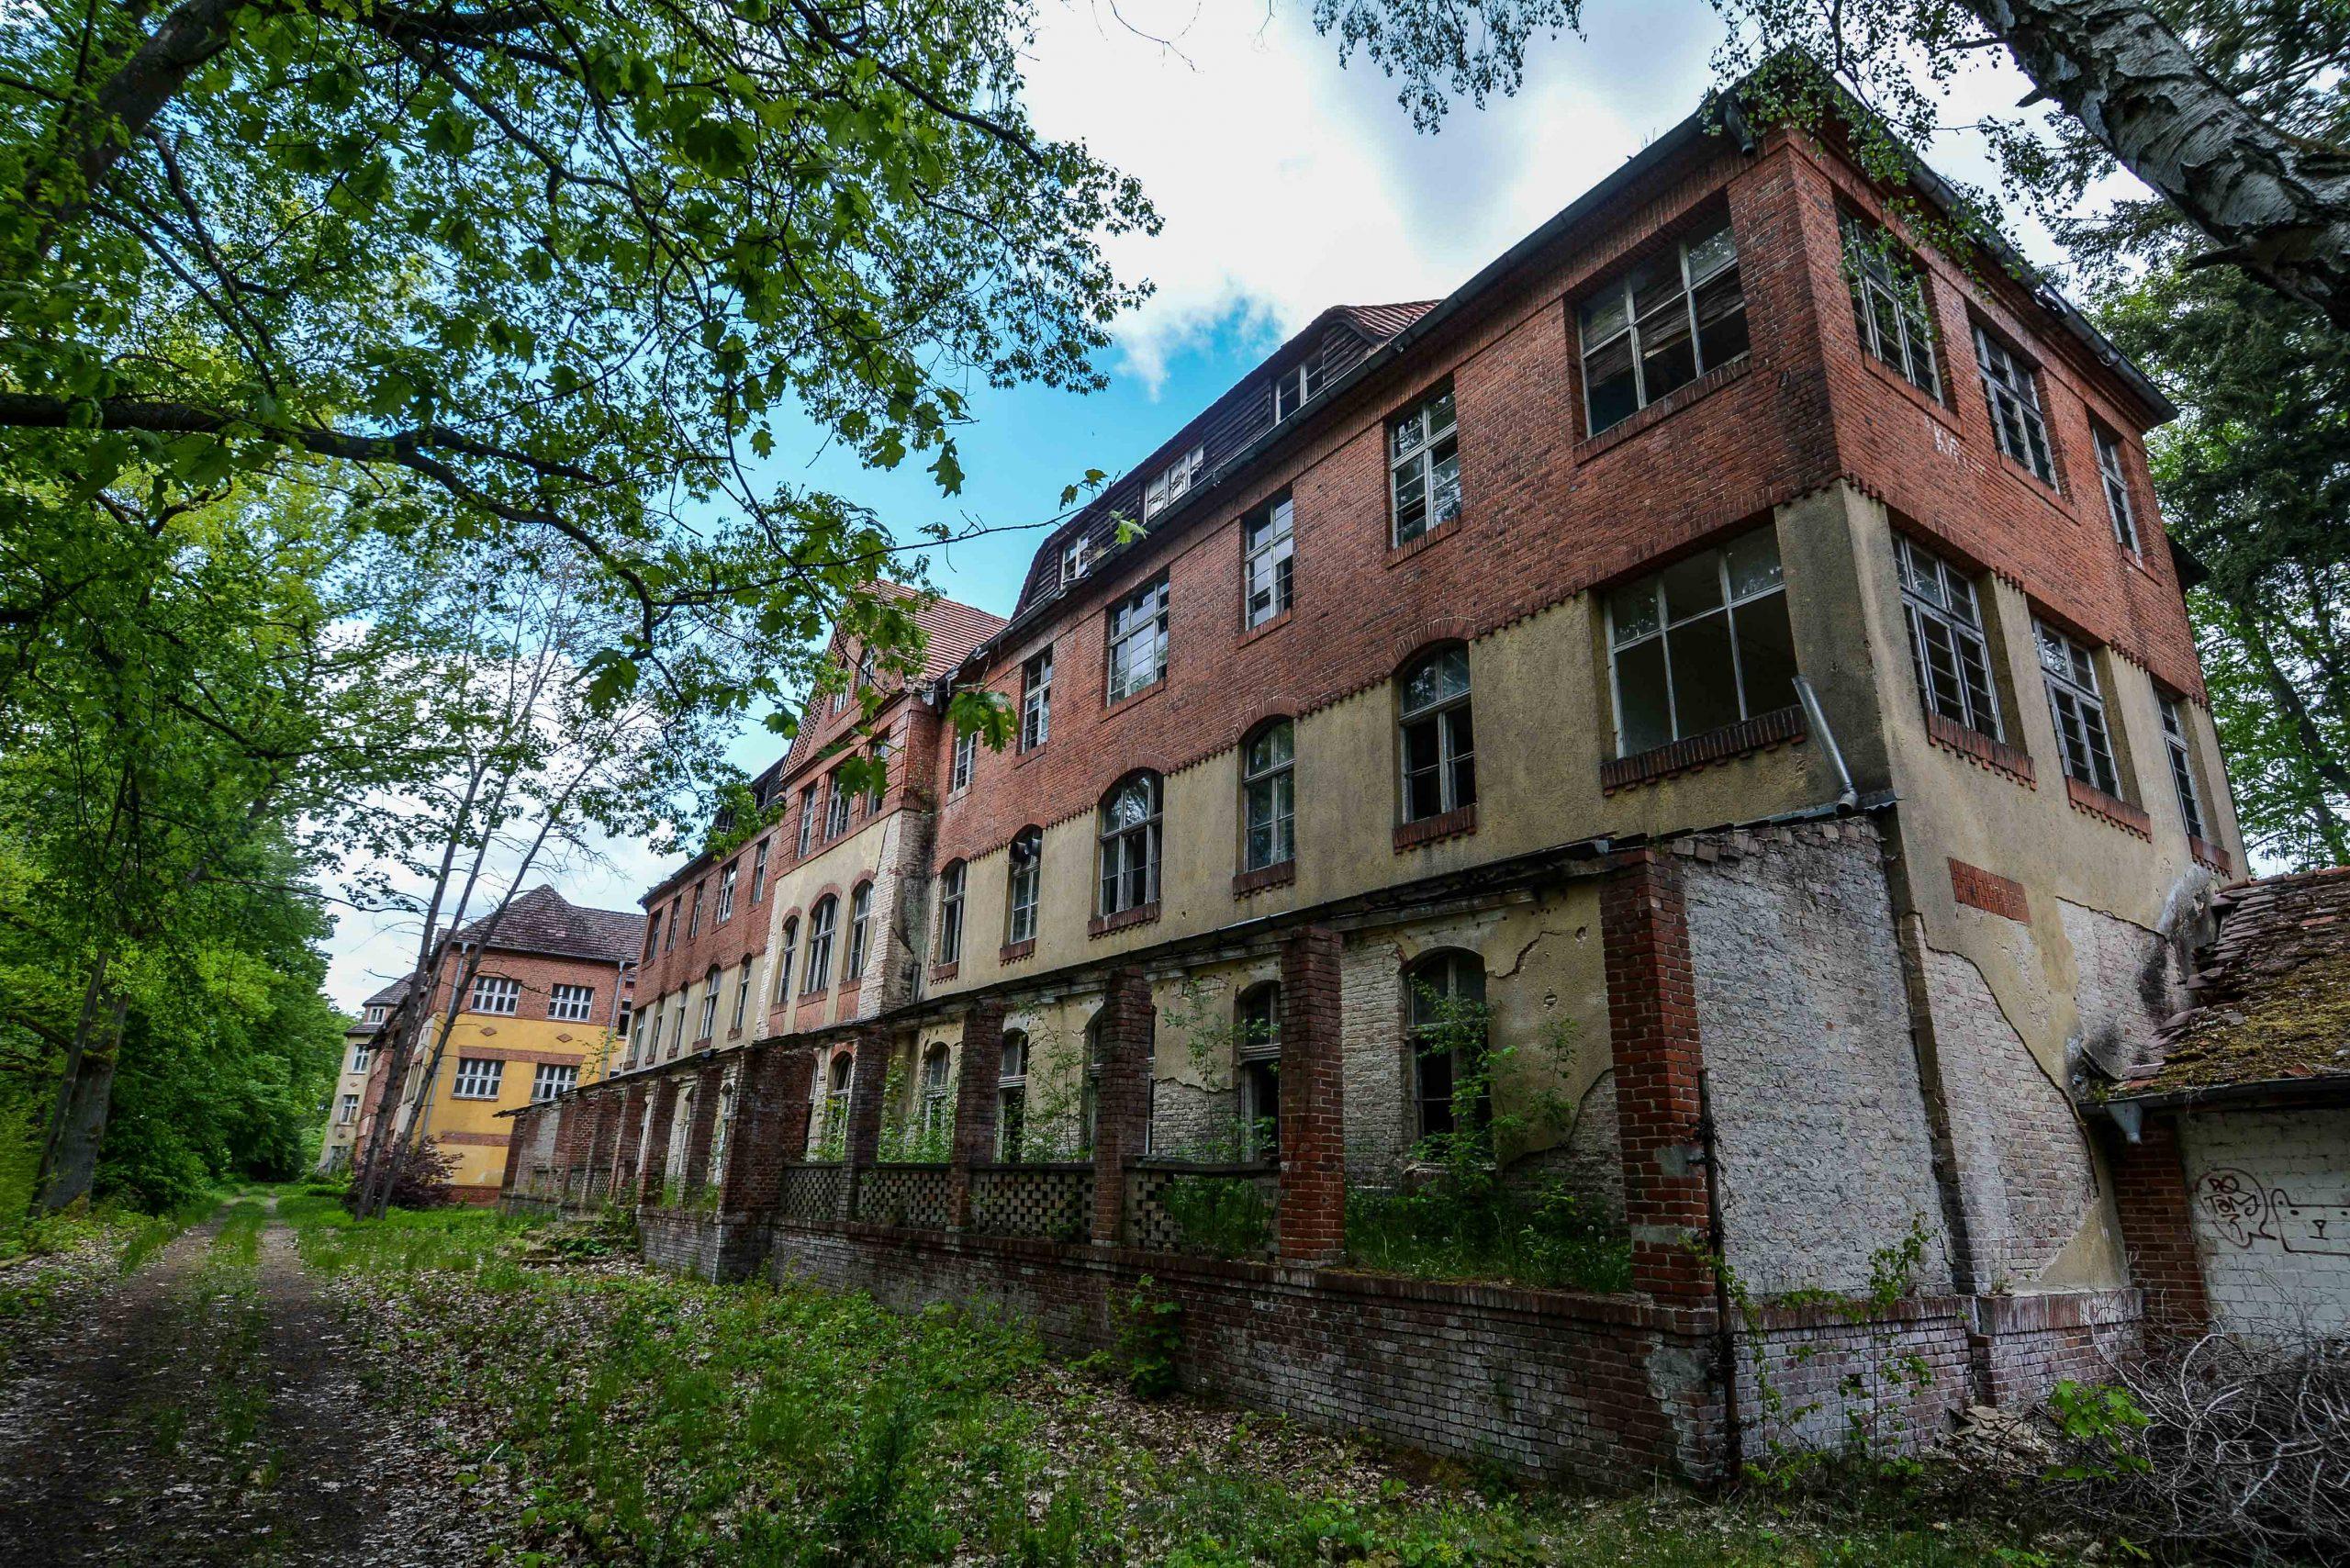 side view sanatorium wing tuberkulose heilstaette grabowsee sanatorium hospital oranienburg lost places abandoned urbex brandenburg germany deutschland